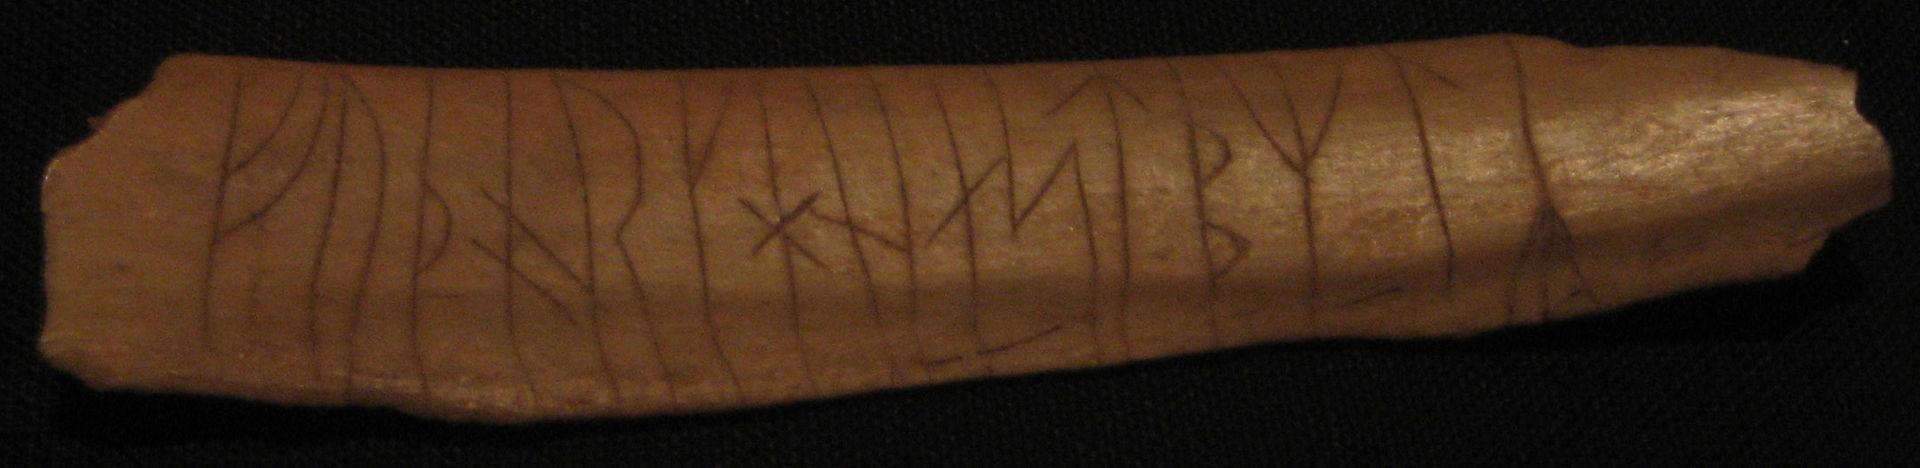 Футарк викингов, вырезанный на кости